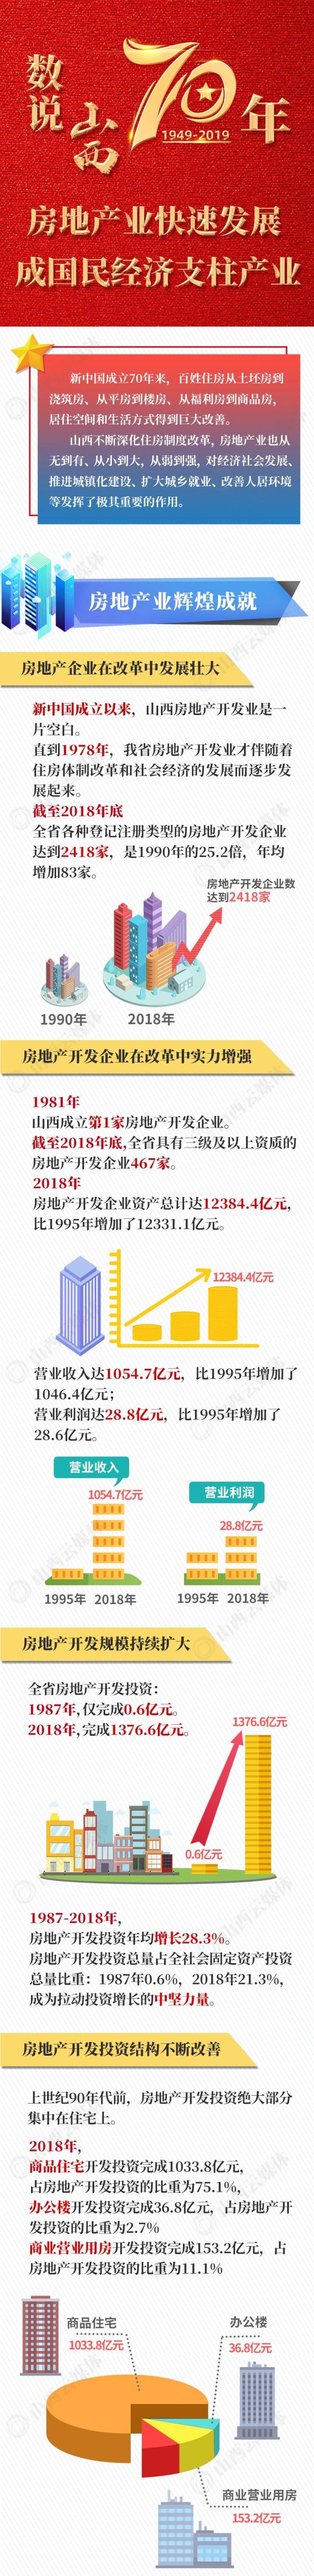 数说山西70年 | 房地产业快速发展,成国民经济支柱产业